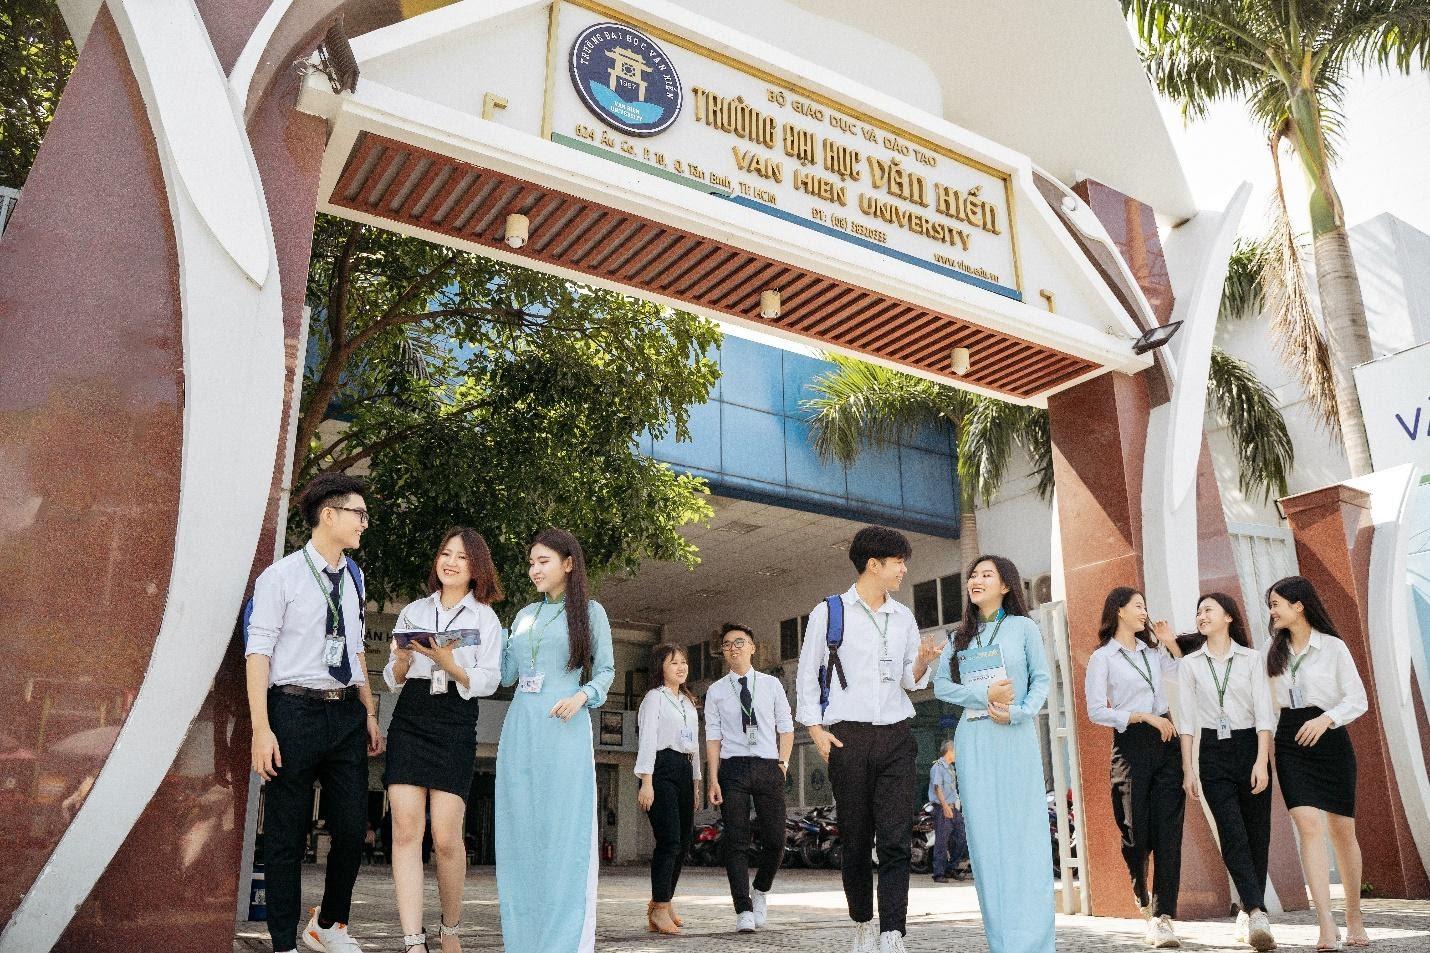 Thí sinh nhập học trong năm 2021 tại trường đều được hỗ trợ 50% học phí HK1 - Ảnh: ĐH Văn Hiến